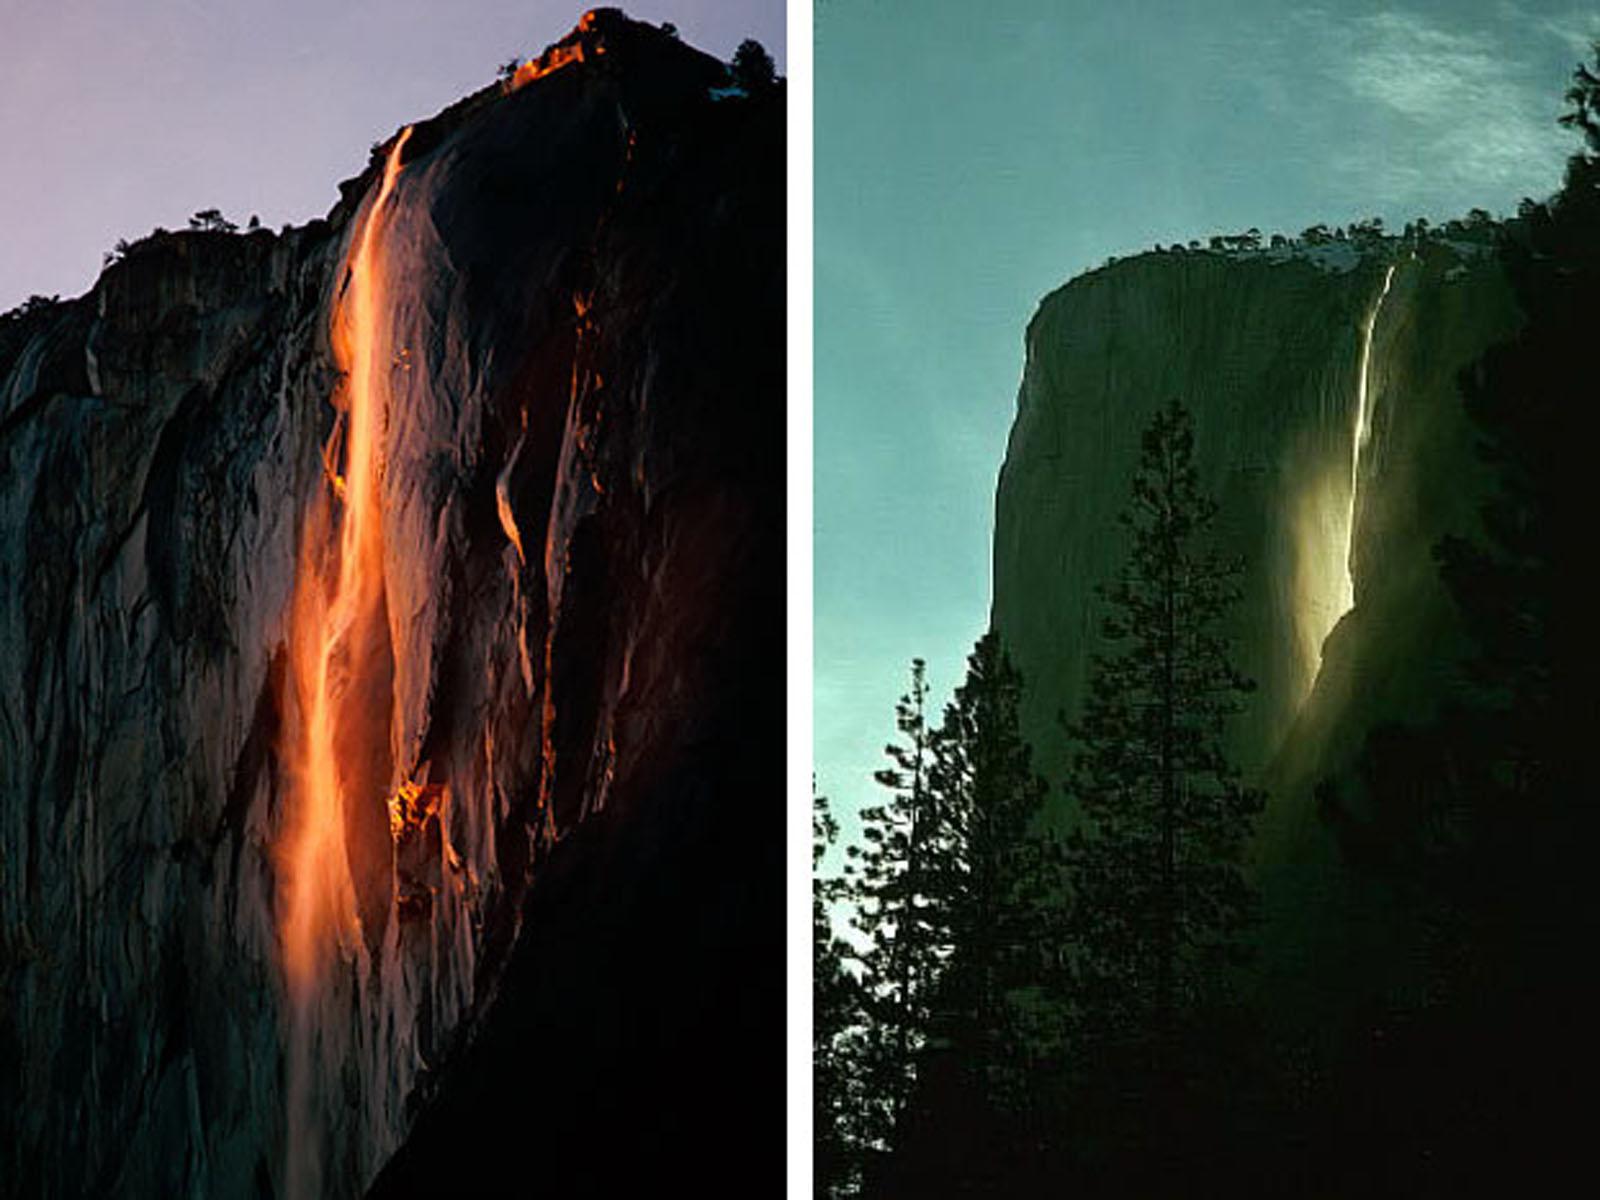 Yosemite Falls Wallpaper Horsetail Falls Yosemite National Park California 2013